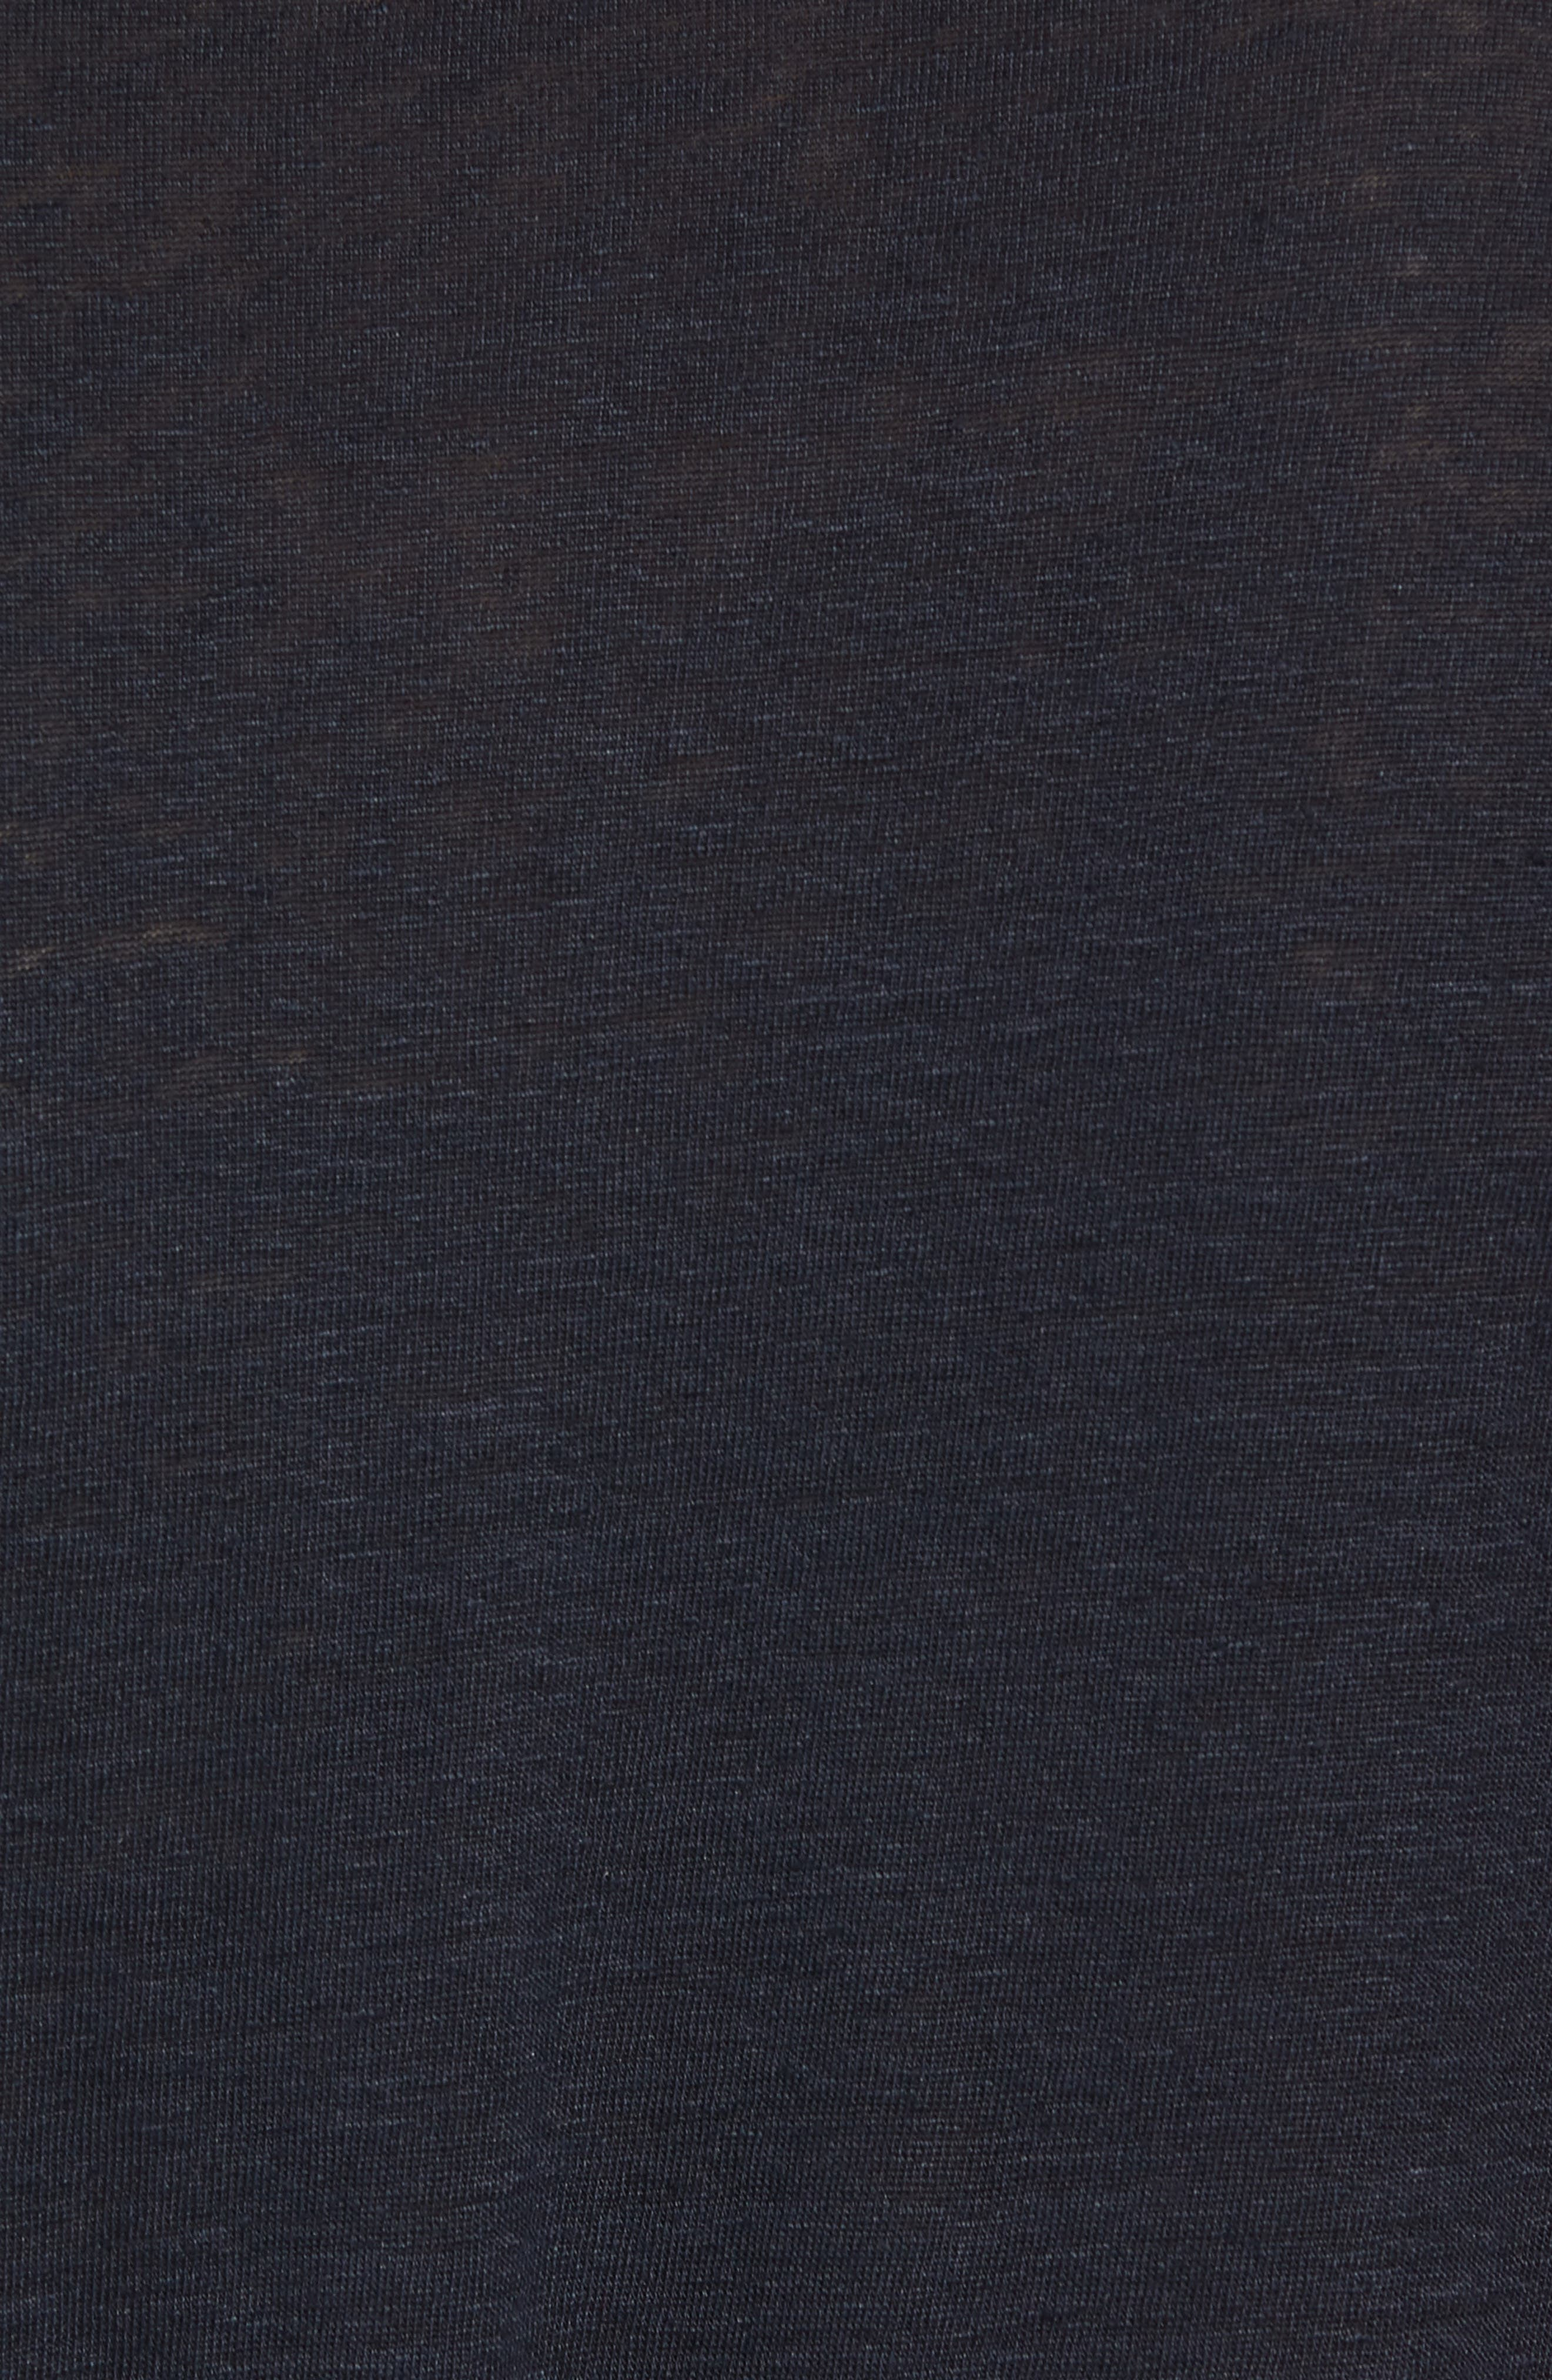 Hugo Boss Regular Fit Paino Linen Polo,                             Alternate thumbnail 5, color,                             Blue